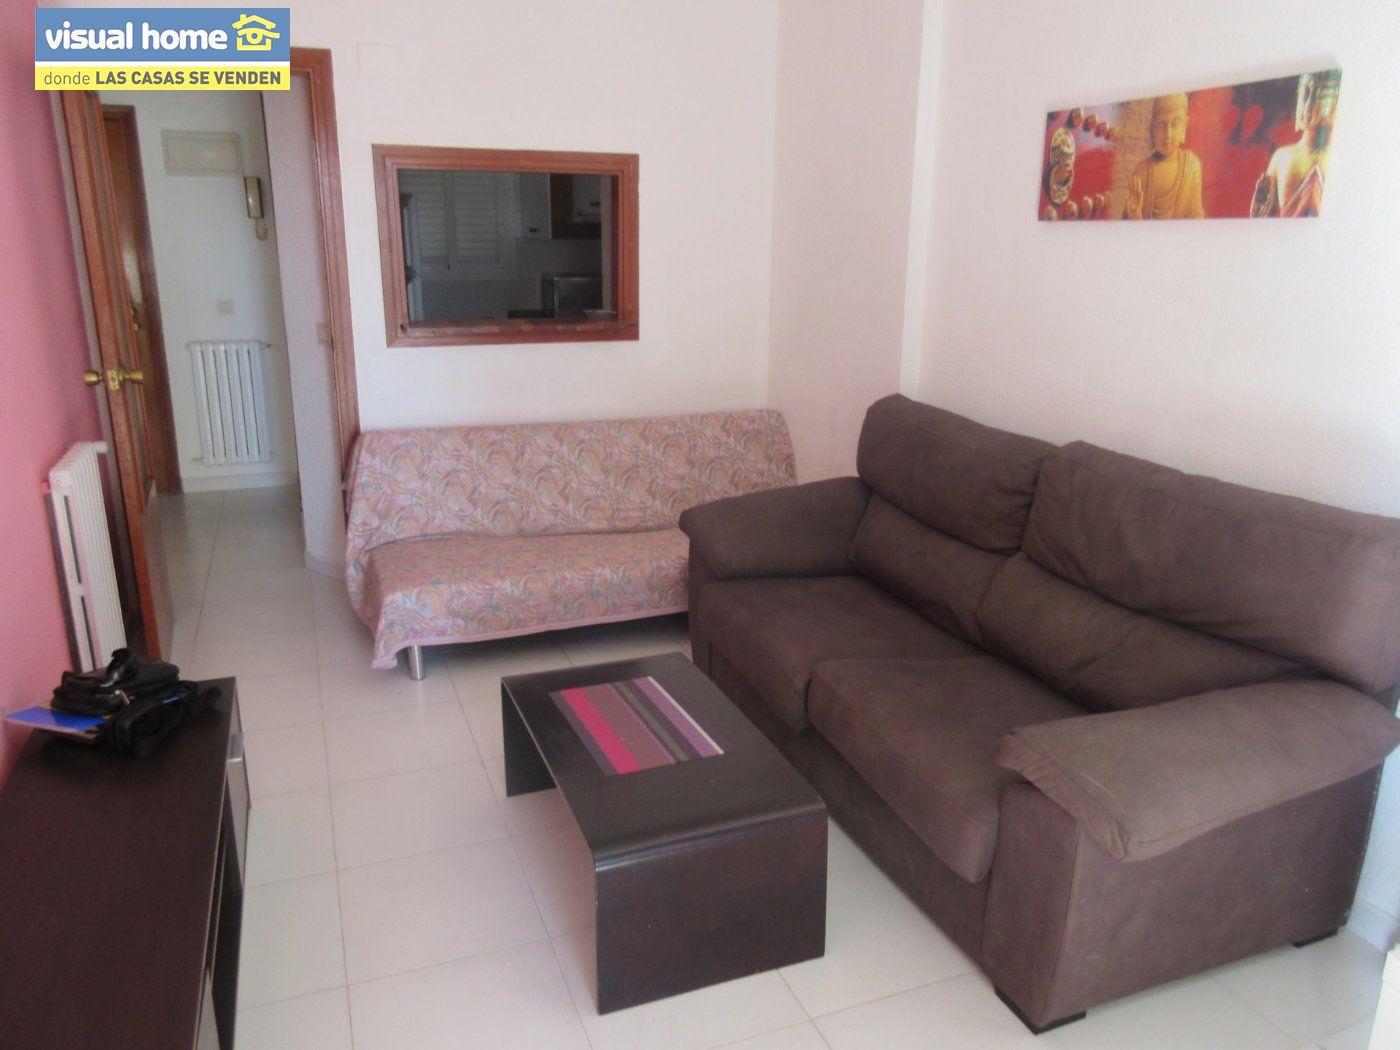 Apartamento de un dormitorio con parking y piscina en Rincón de Loix llano 1